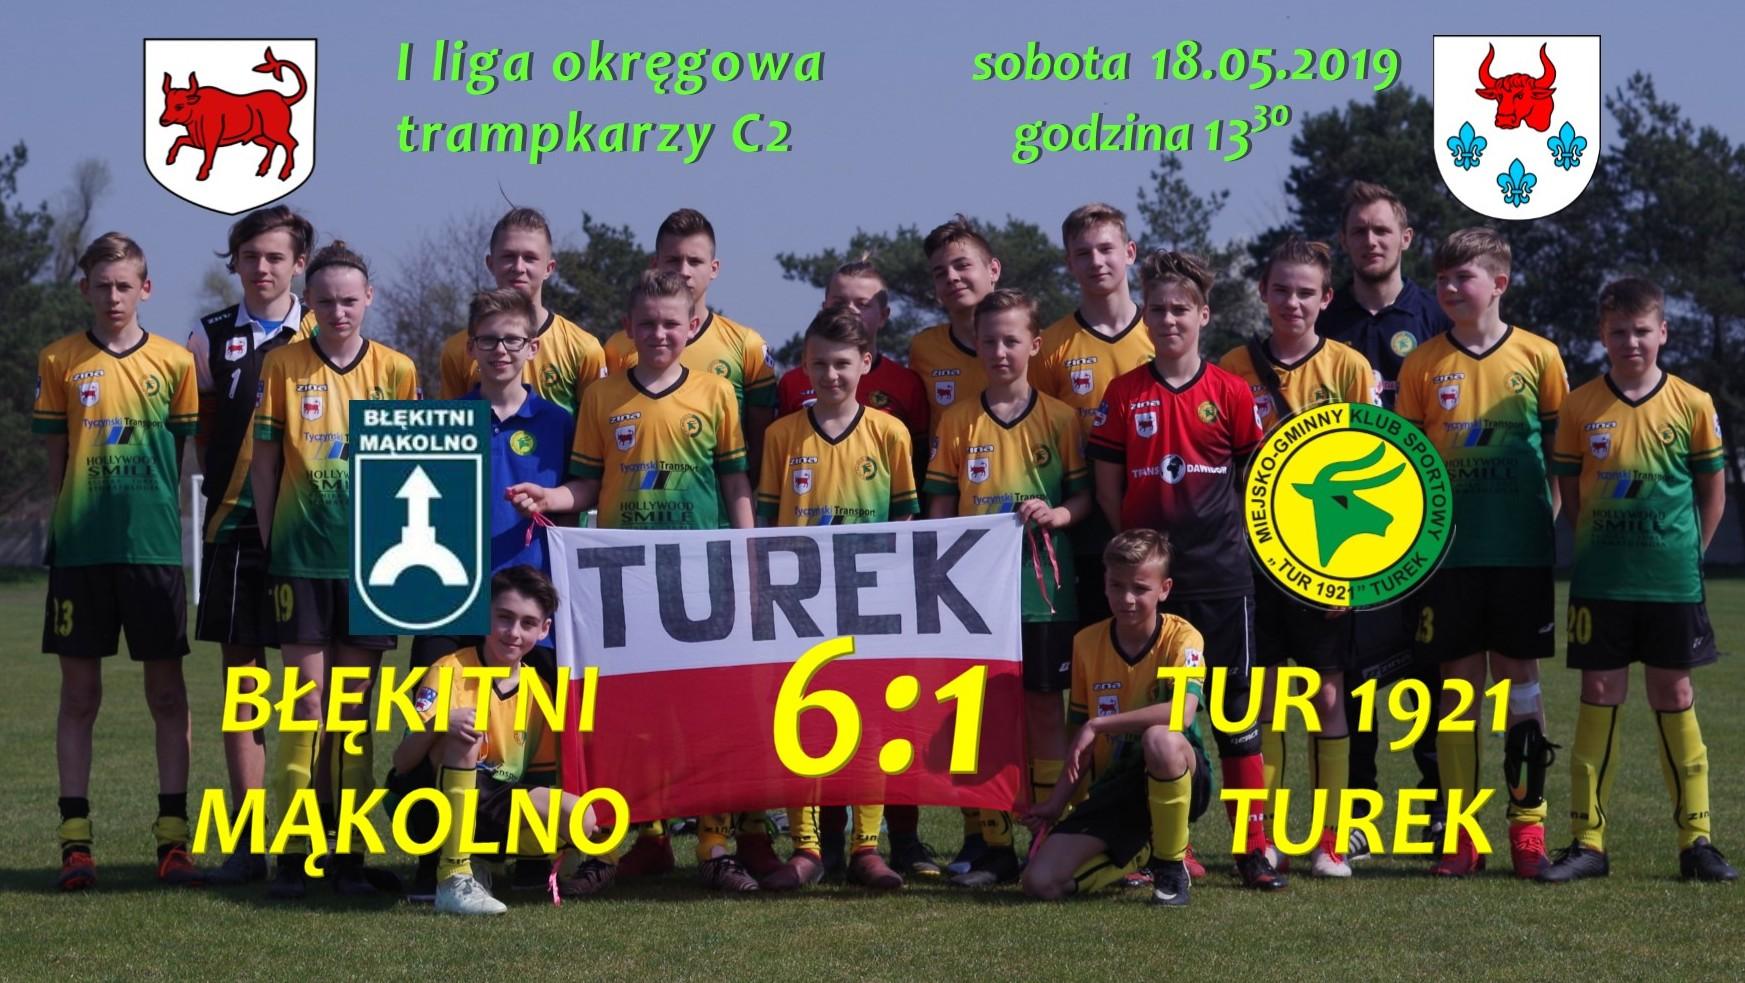 Błękitni Mąkolno- Tur 1921 Turek 6:1, trampkarz C2